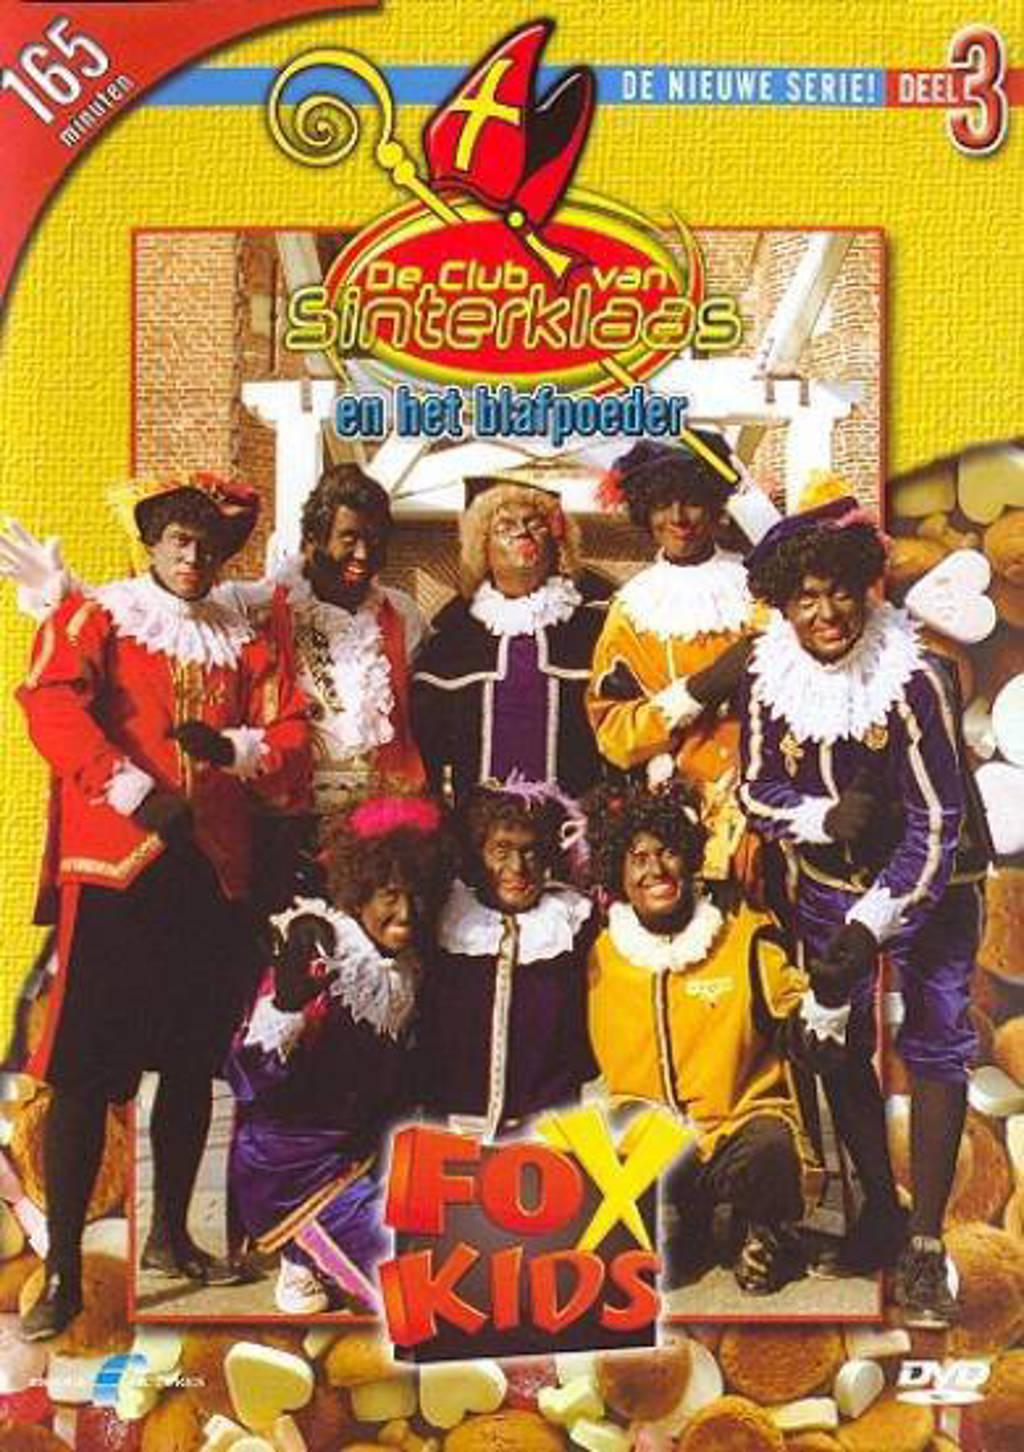 Club van Sinterklaas 3 - En het blafpoeder (DVD)